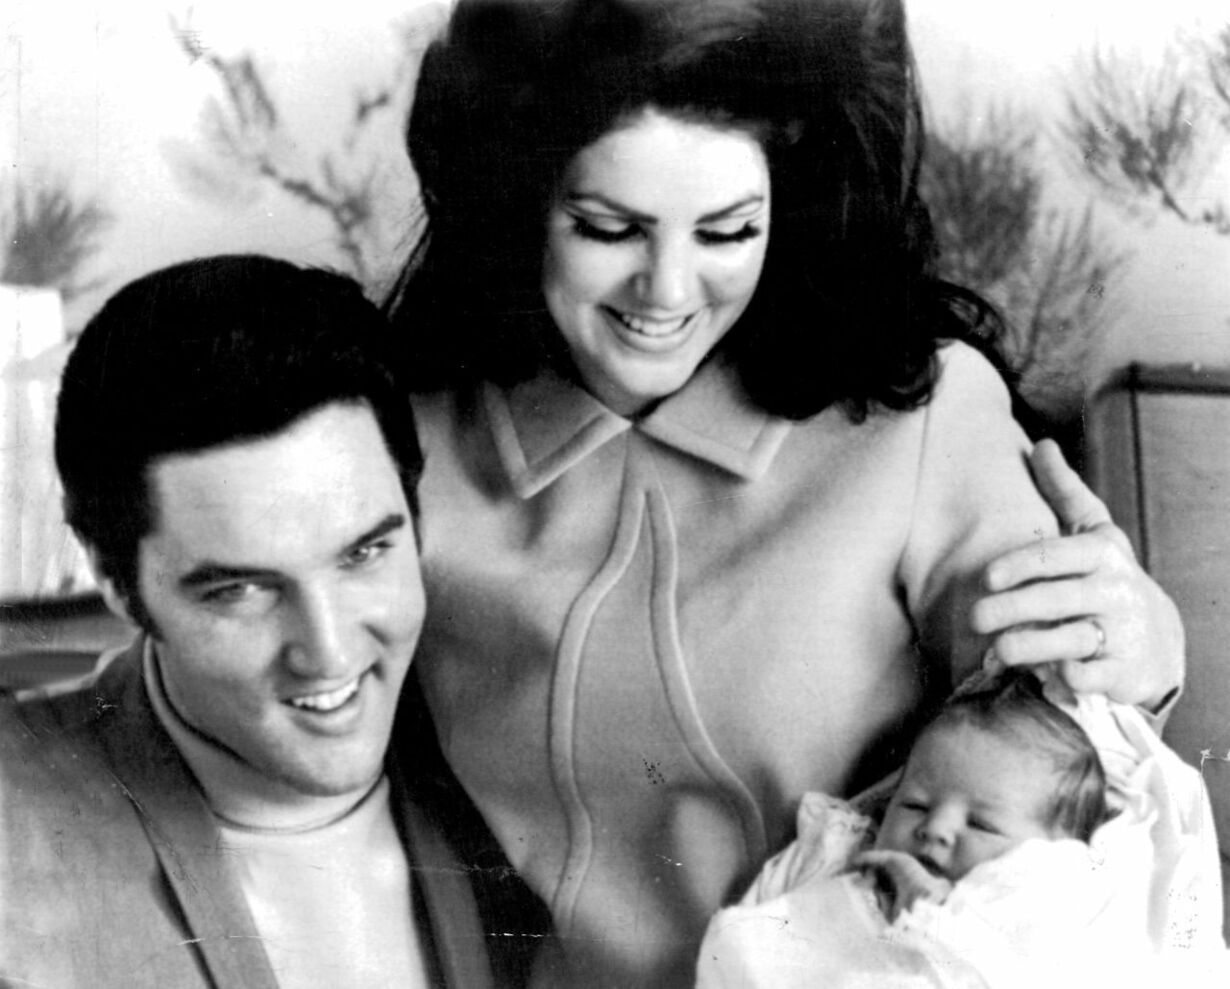 1968 baby